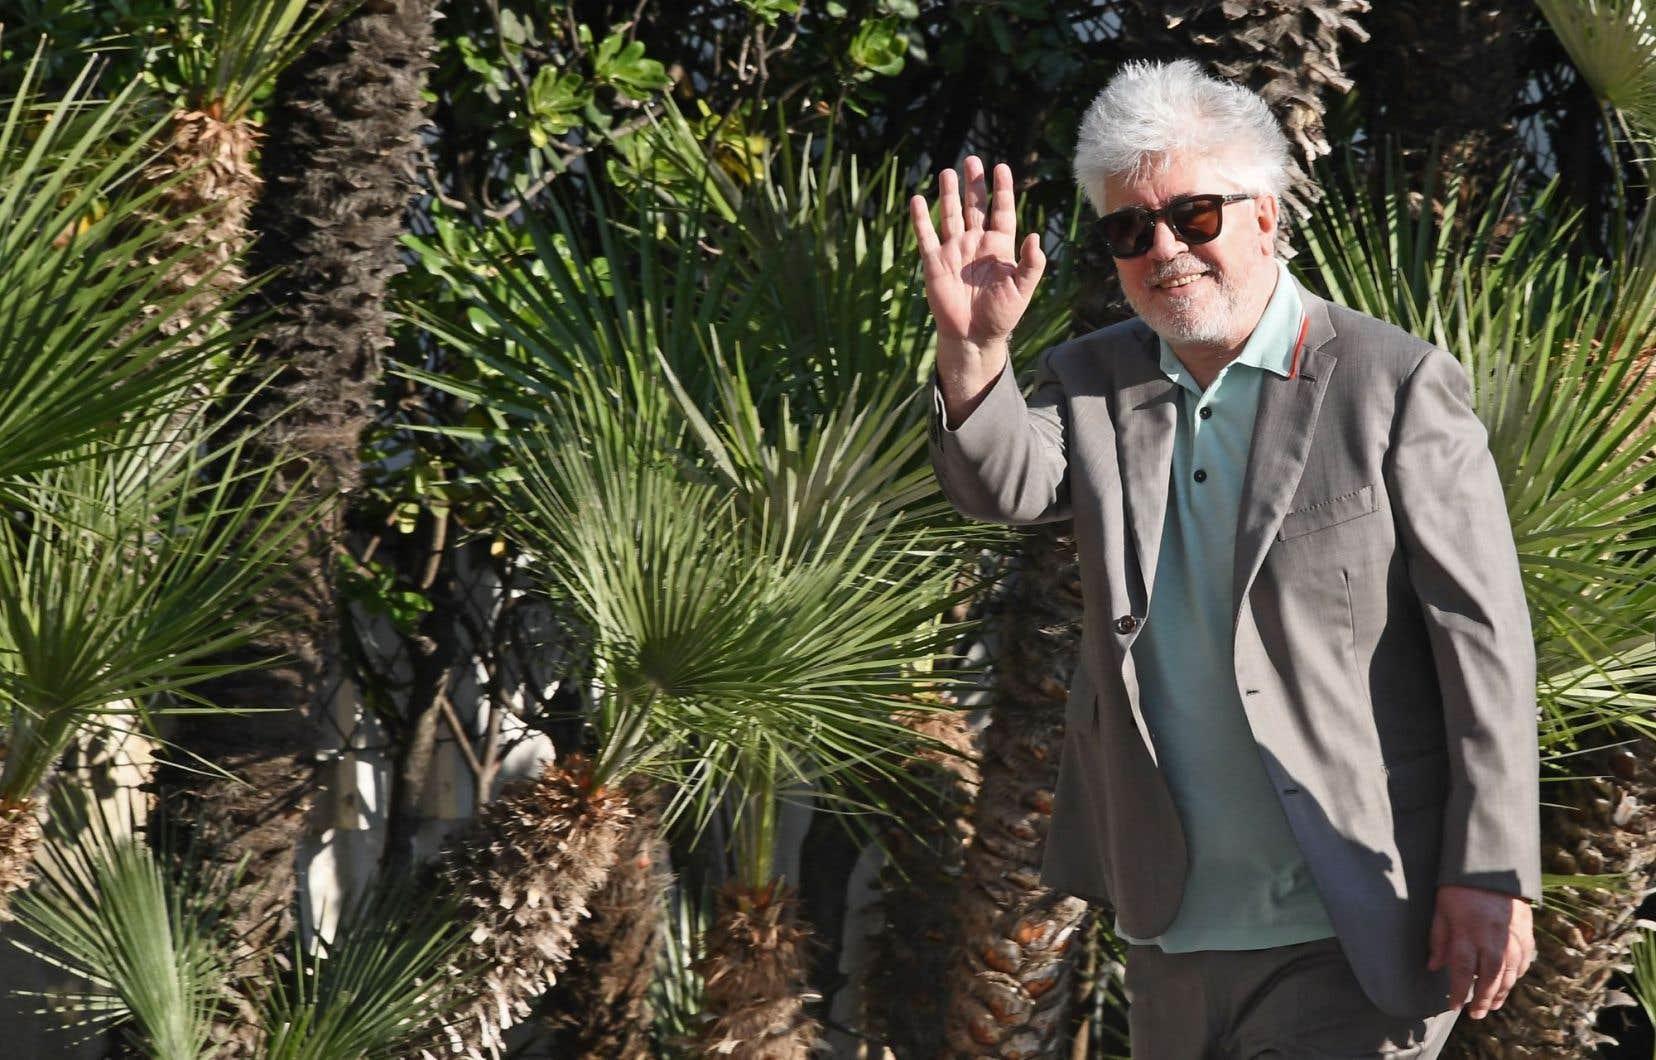 Le réalisateur Pedro Almodóvar préside cette année le jury des films en compétition.